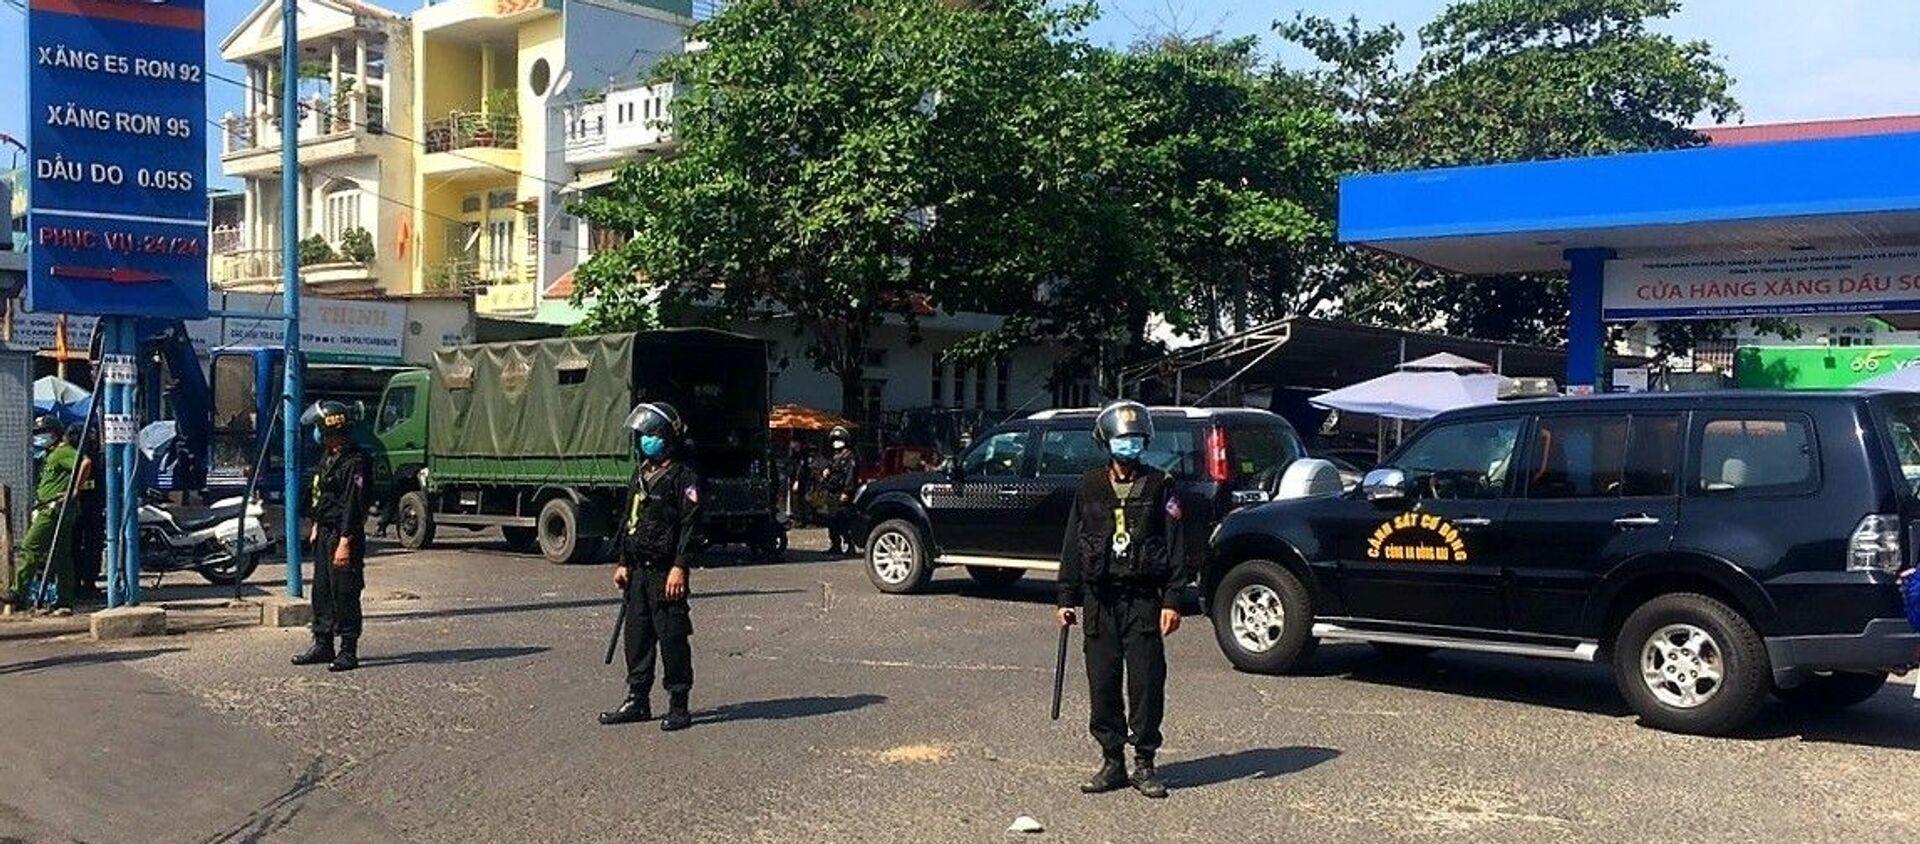 Lực lượng Cảnh sát cơ động phong tỏa cây xăng. - Sputnik Việt Nam, 1920, 25.03.2021